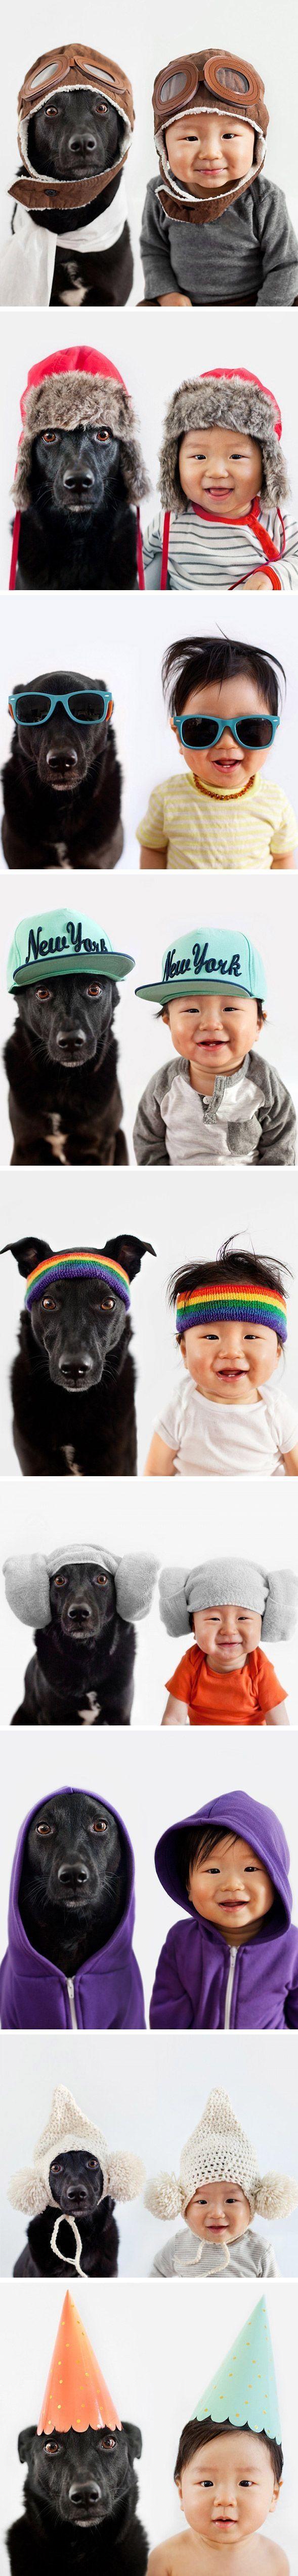 16 divertidas fotografías que comprueban que criar niños y perros es muy…